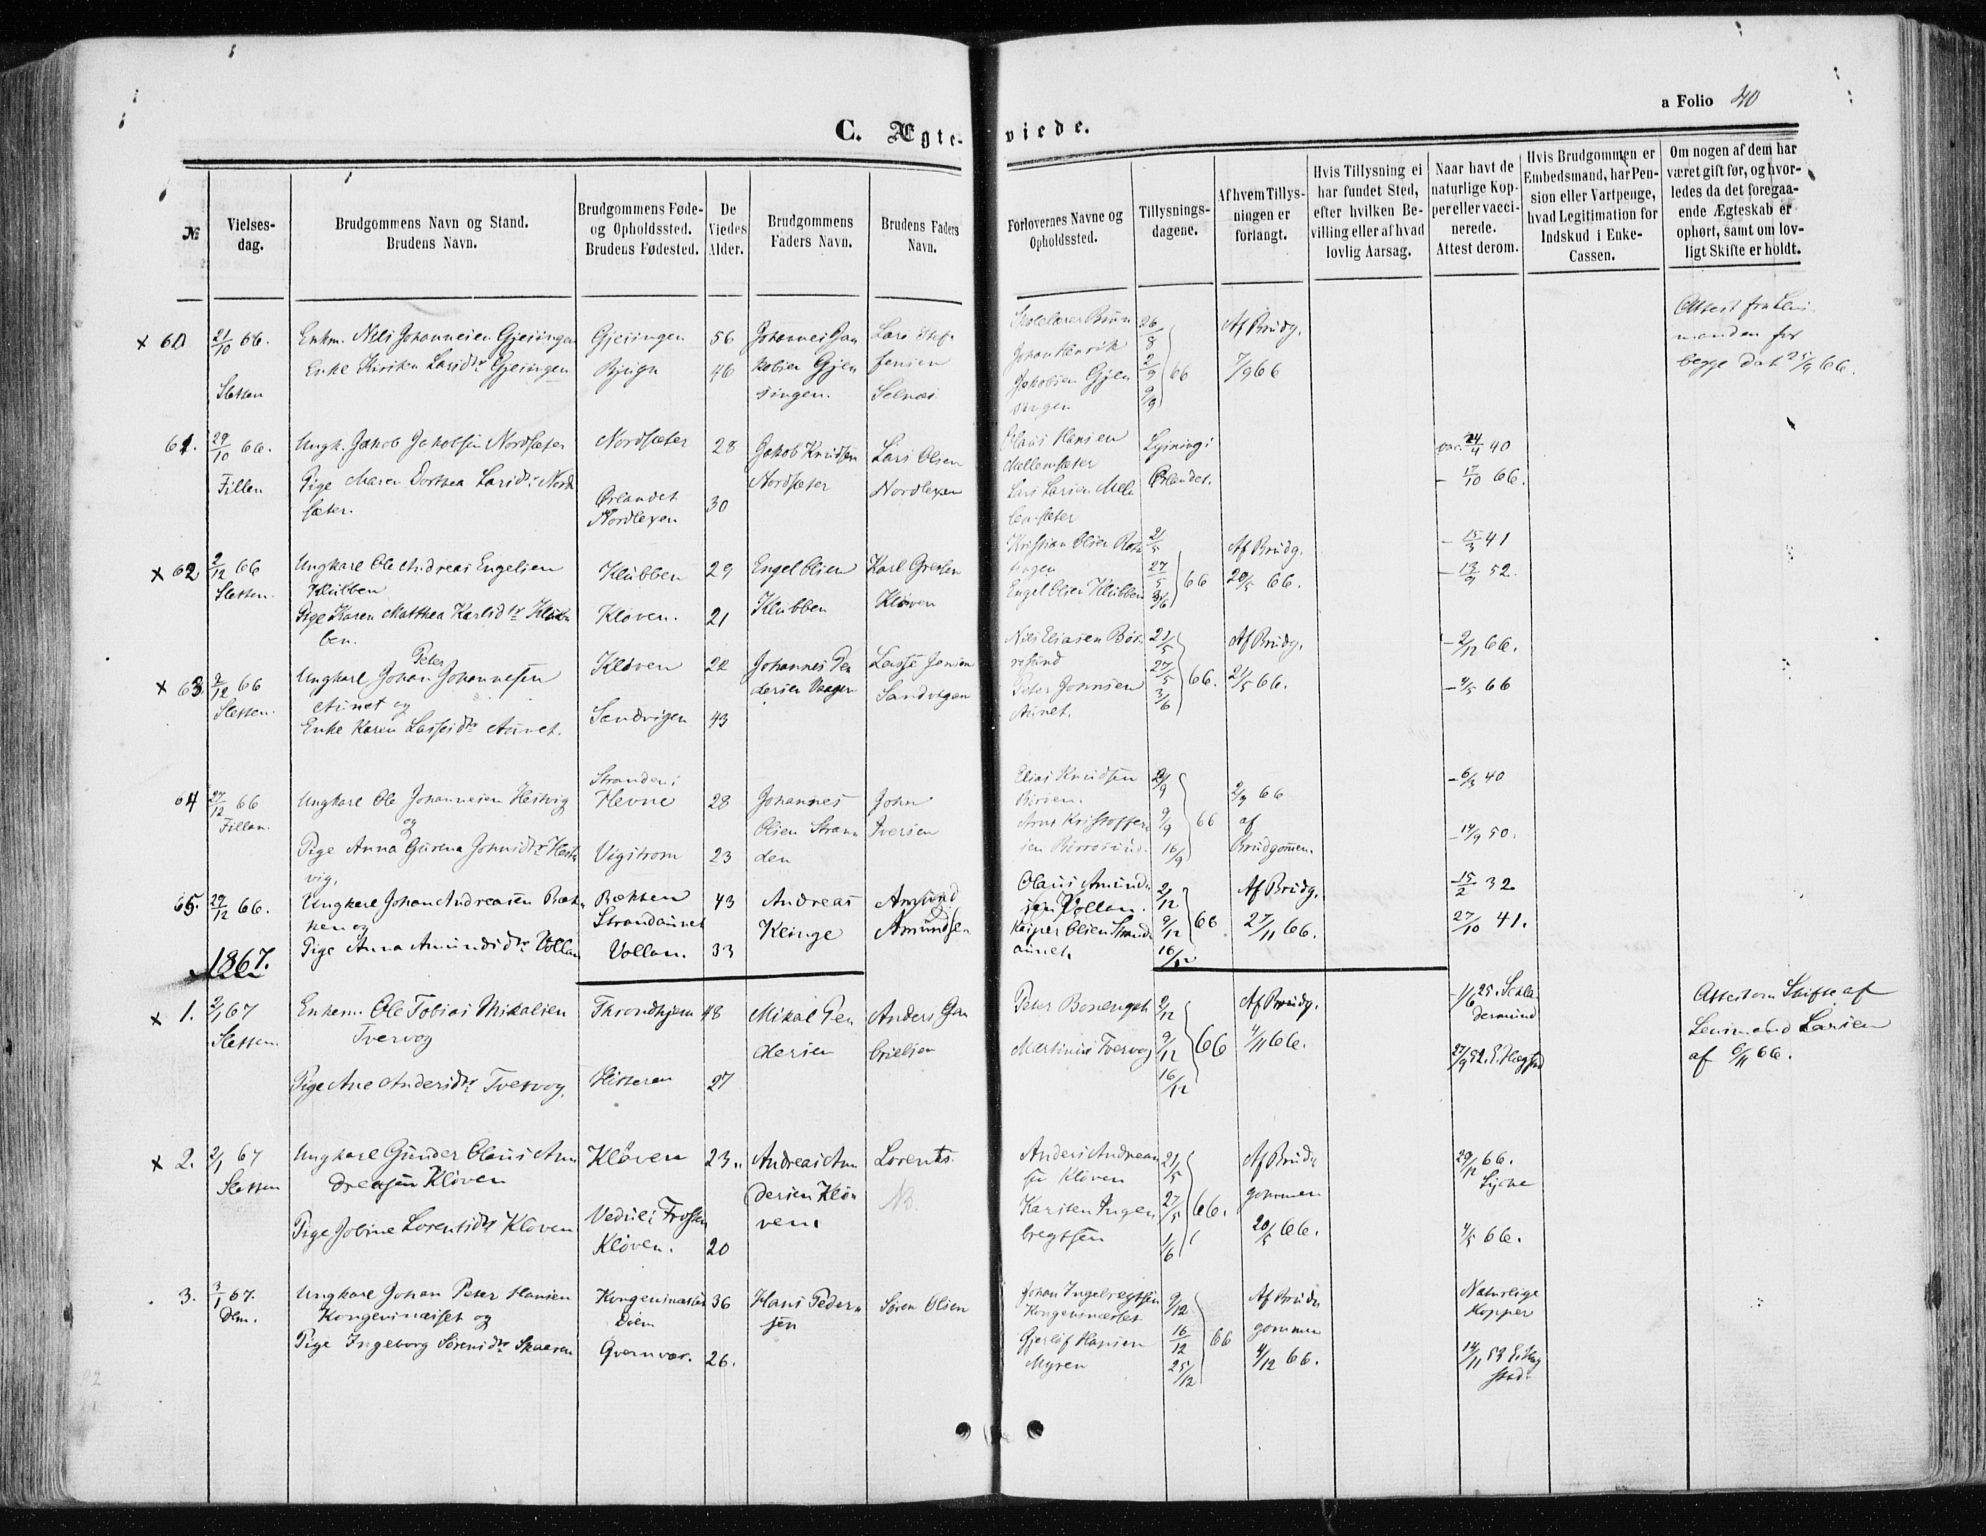 SAT, Ministerialprotokoller, klokkerbøker og fødselsregistre - Sør-Trøndelag, 634/L0531: Ministerialbok nr. 634A07, 1861-1870, s. 40